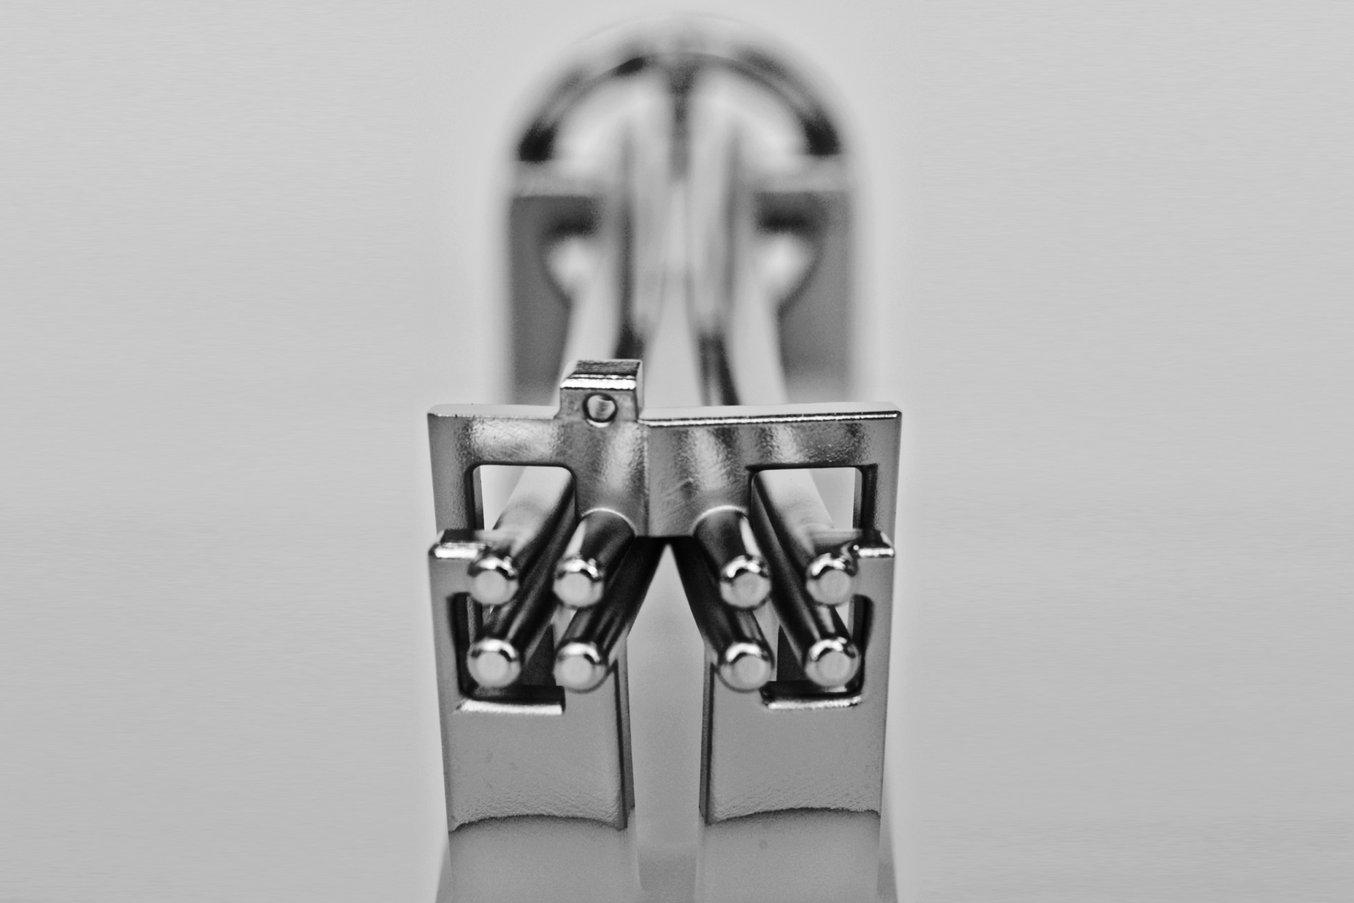 Andreas Osterwalder hat diesen Strahlteiler mittels 3D-Druck und Galvanisierung hergestellt.